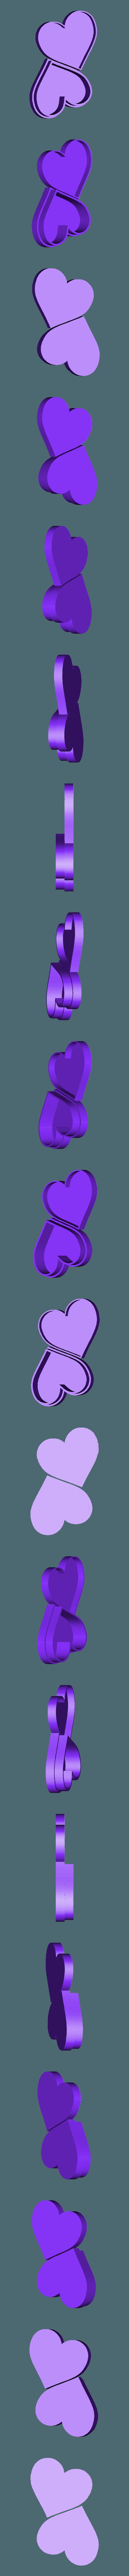 Boite en cœur.obj Download free OBJ file Heart box • 3D printer model, ryad36